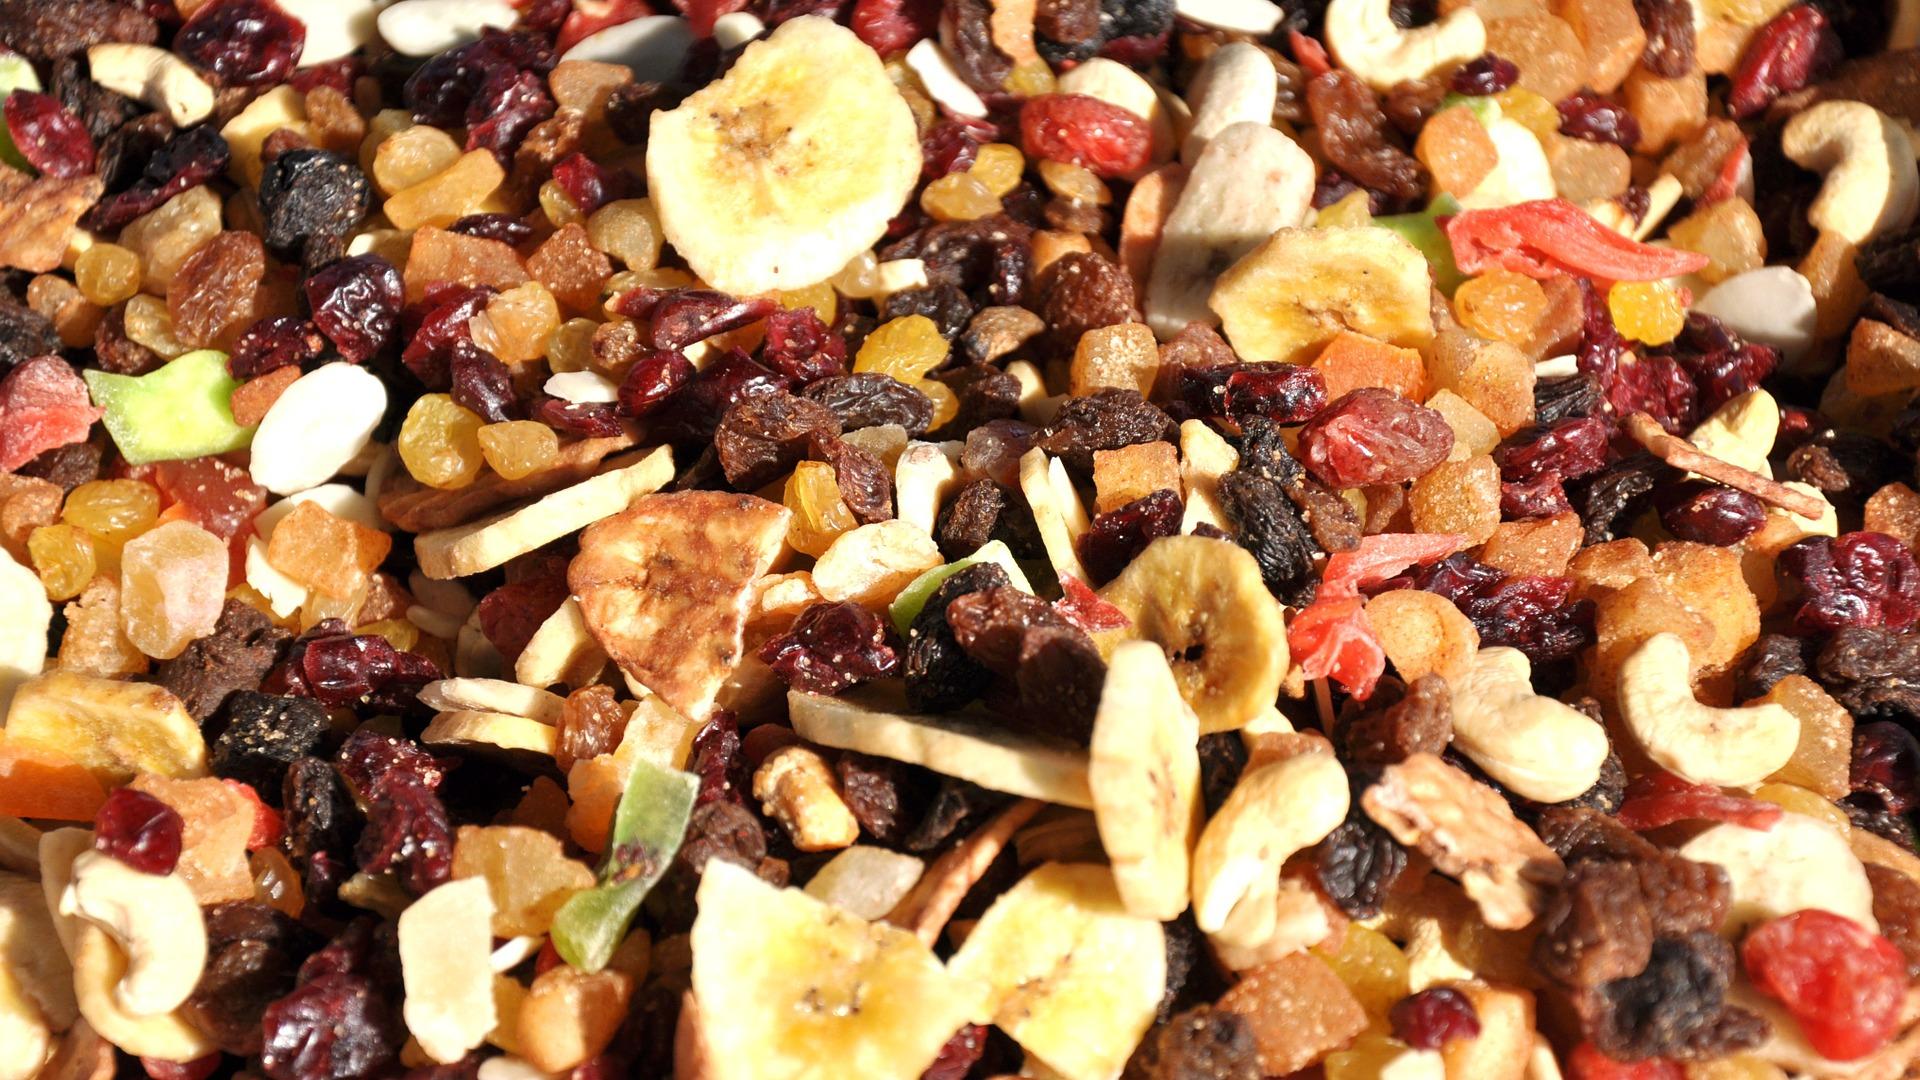 benefici e controindicazioni frutta secca